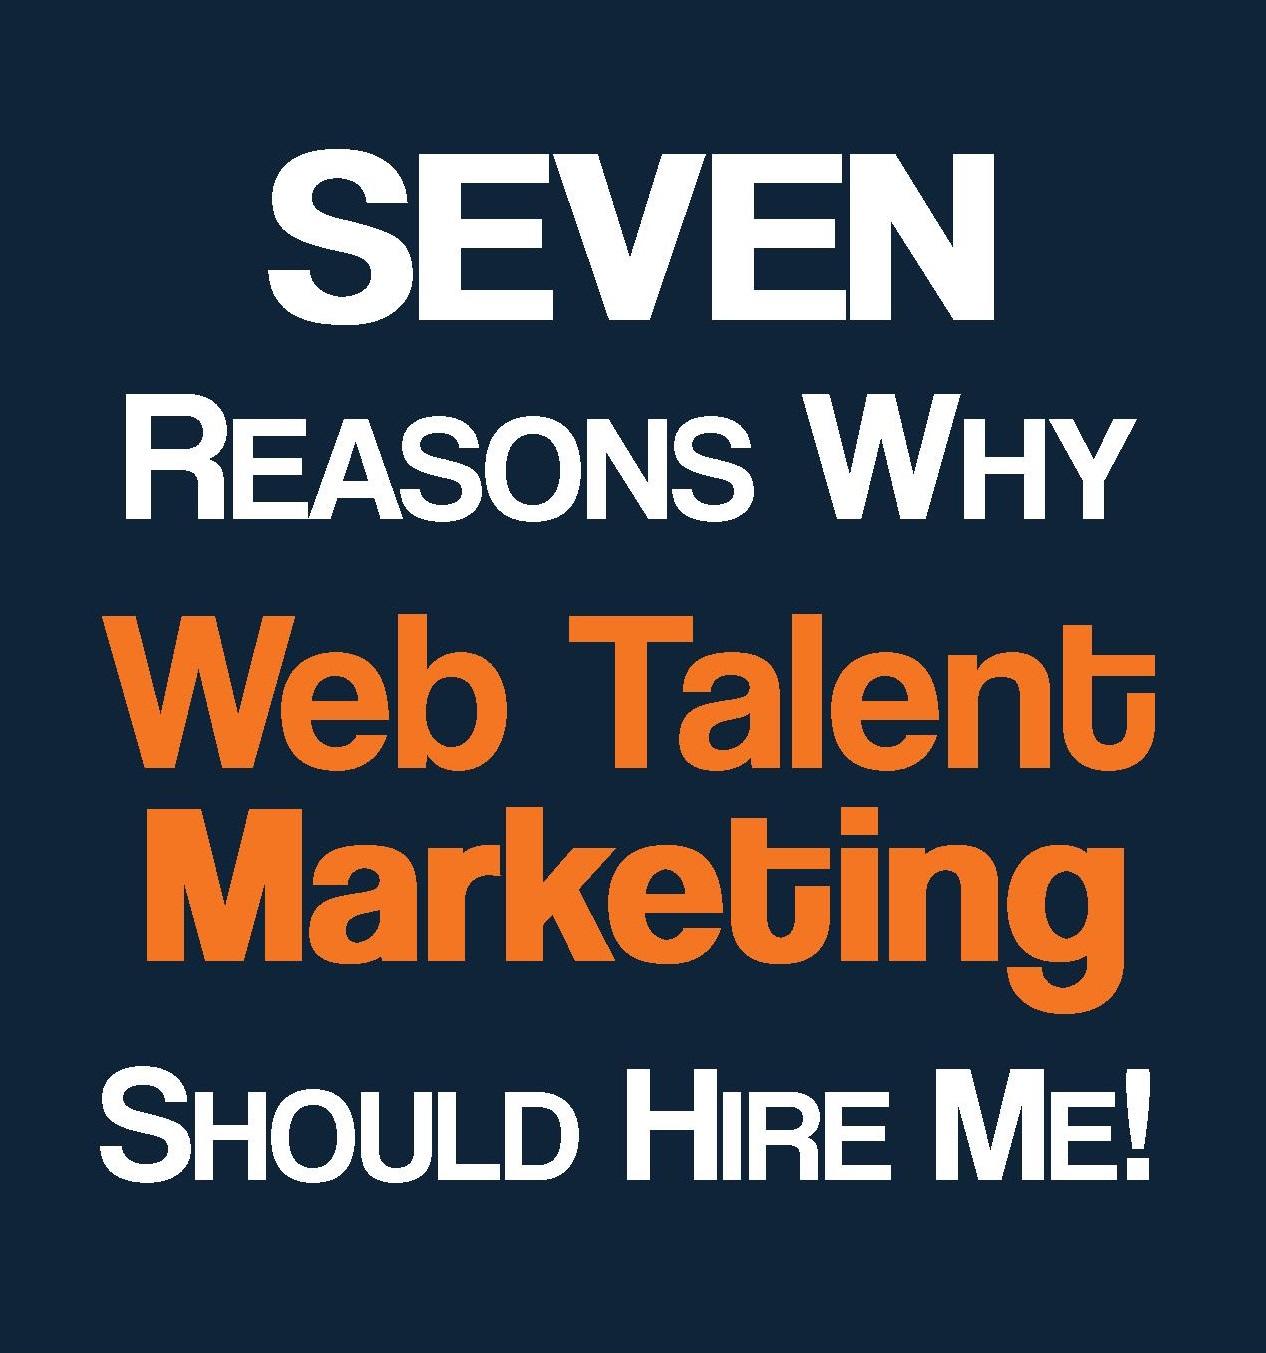 Web Talent Marketing Hire Me!